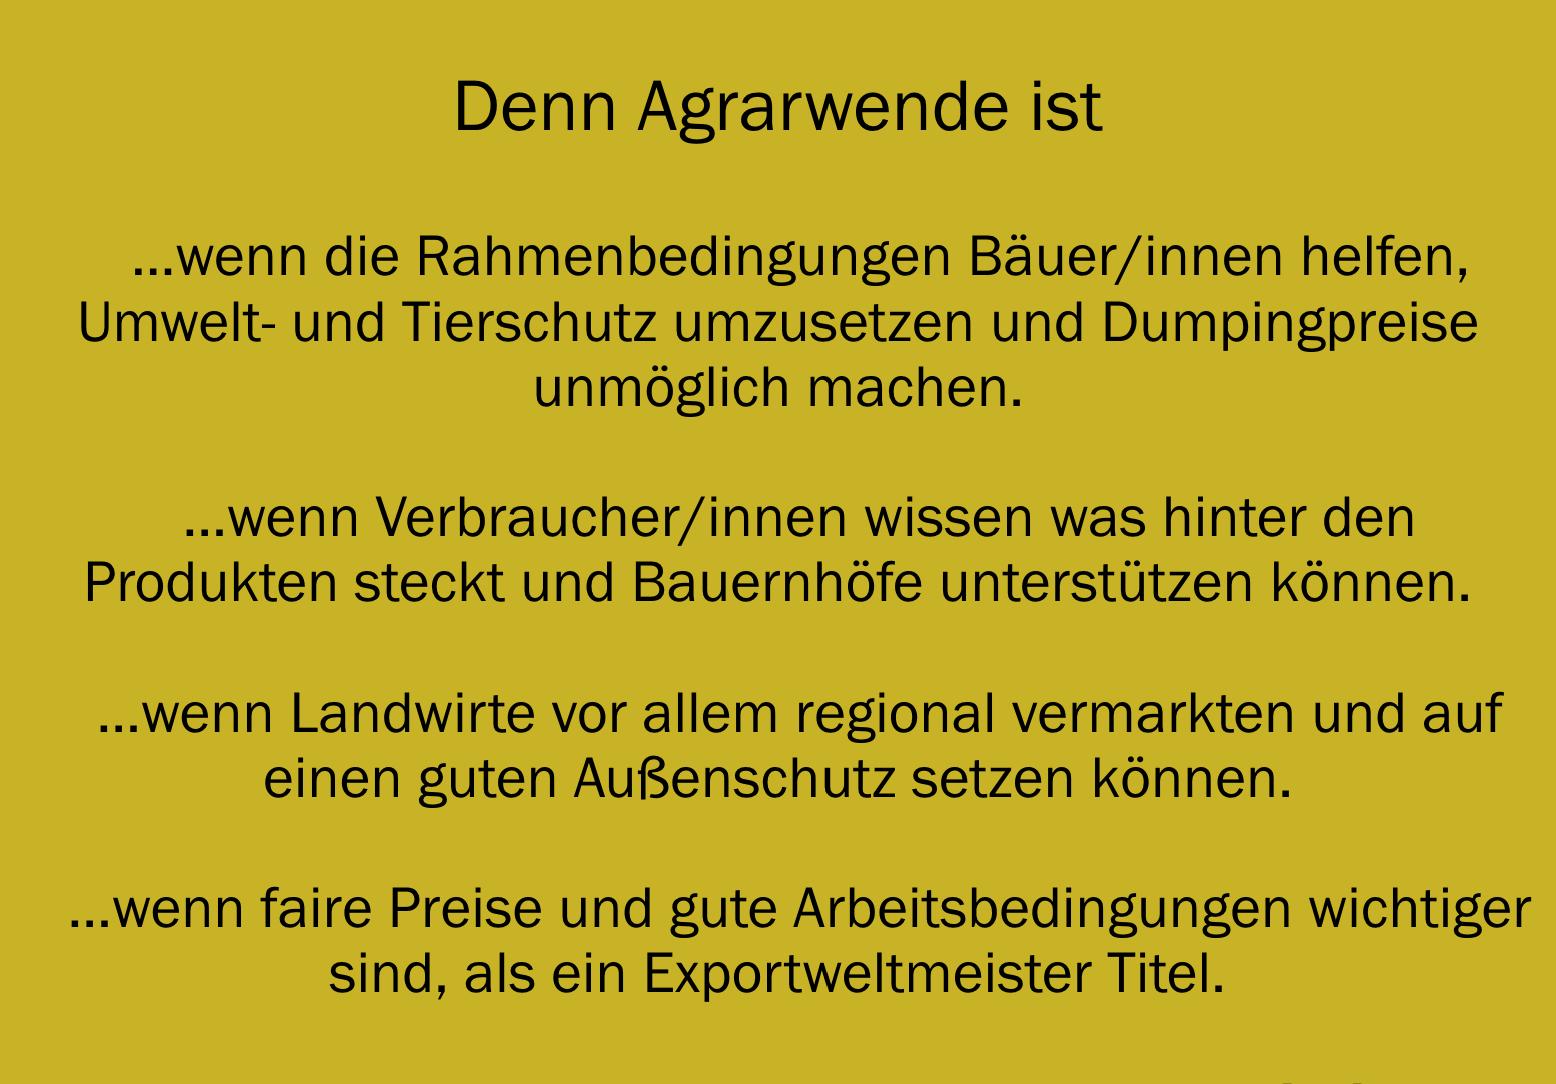 DennAgrarwende_ist